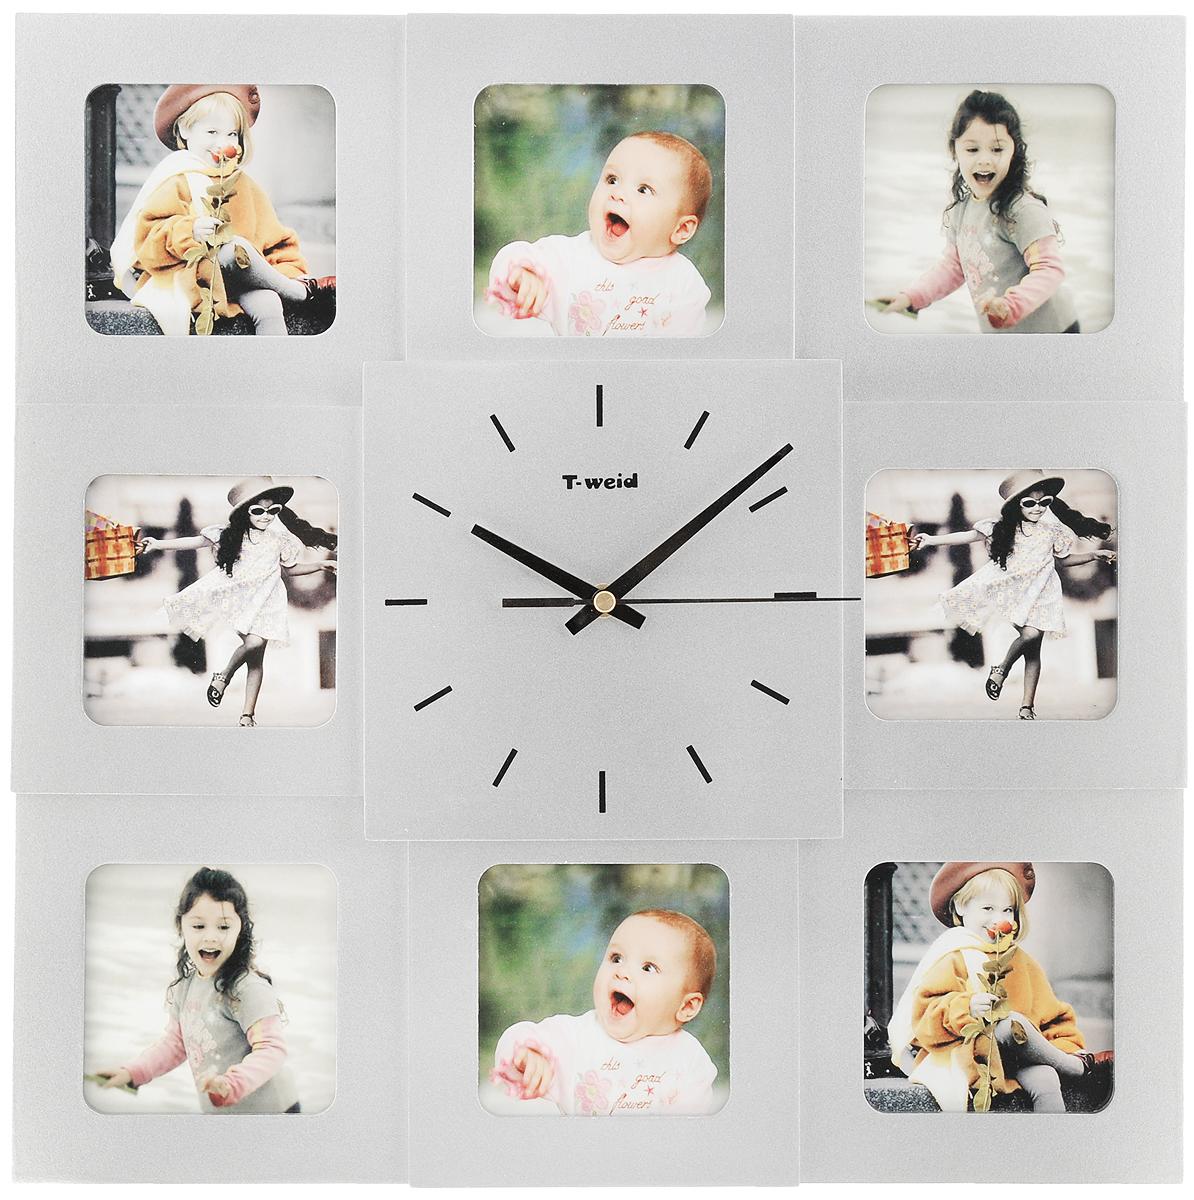 Часы настенные HomeMaster, с 8 фоторамками, цвет: серебристый94672Настенные часы HomeMaster кварцевые с фоторамками - это прекрасный предмет декора, а также универсальный подарок практически по любому поводу. Корпус часов, выполнен из дерева с серебристым матовым покрытием и оформлен восемью фоторамками.Циферблат часов оснащен тремя стрелками: часовой, минутной и секундной. Метки нанесены черной краской на серебристом фоне. На задней стенке часов расположена металлическая петелька для подвешивания и блок с часовым механизмом. Часы с фоторамками прекрасно впишутся в любой интерьер. В зависимости оттого, что вы поместите в рамки, будет меняться и стиль часов. Тип механизма: плавающий, бесшумный. Рекомендуется докупить батарейку типа АА (не входит в комплект). Размер изделия: 40 х 40 х 5 см.Размер фоторамок: 8,5 х 8,5 см.